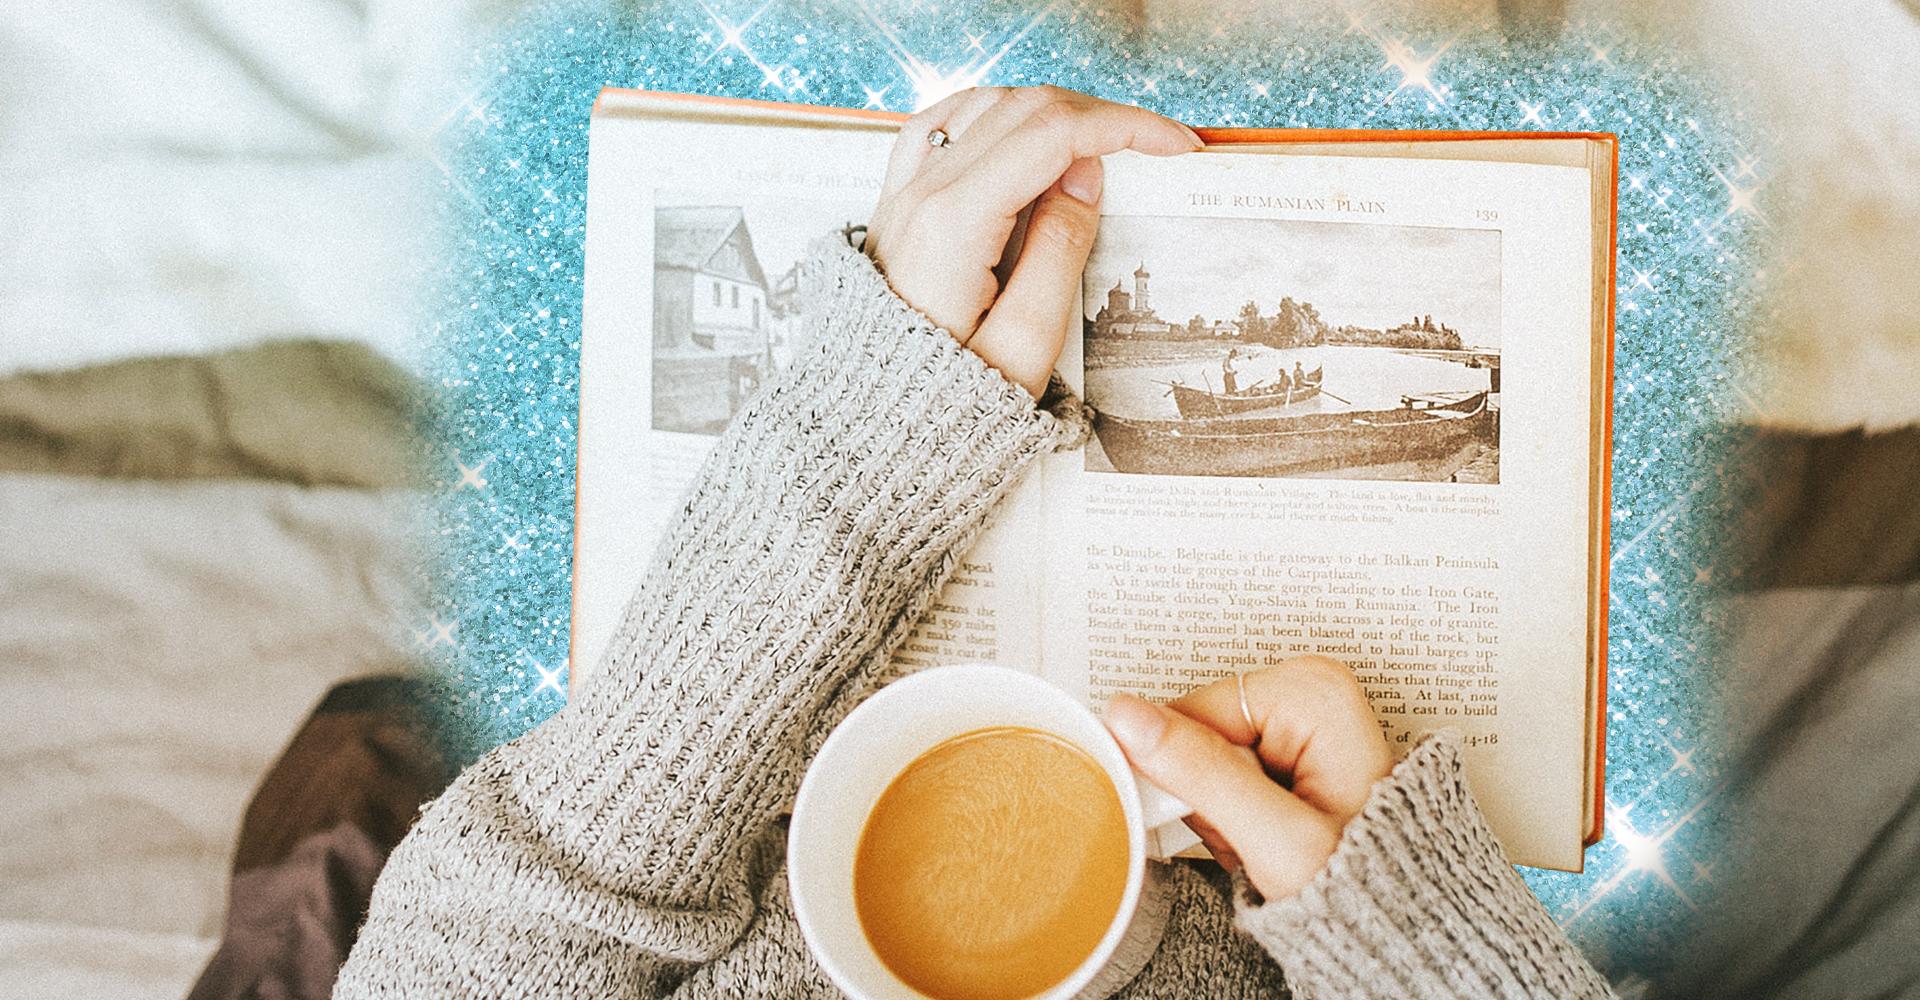 I libri classici da (ri)leggere per comprendere meglio il presente